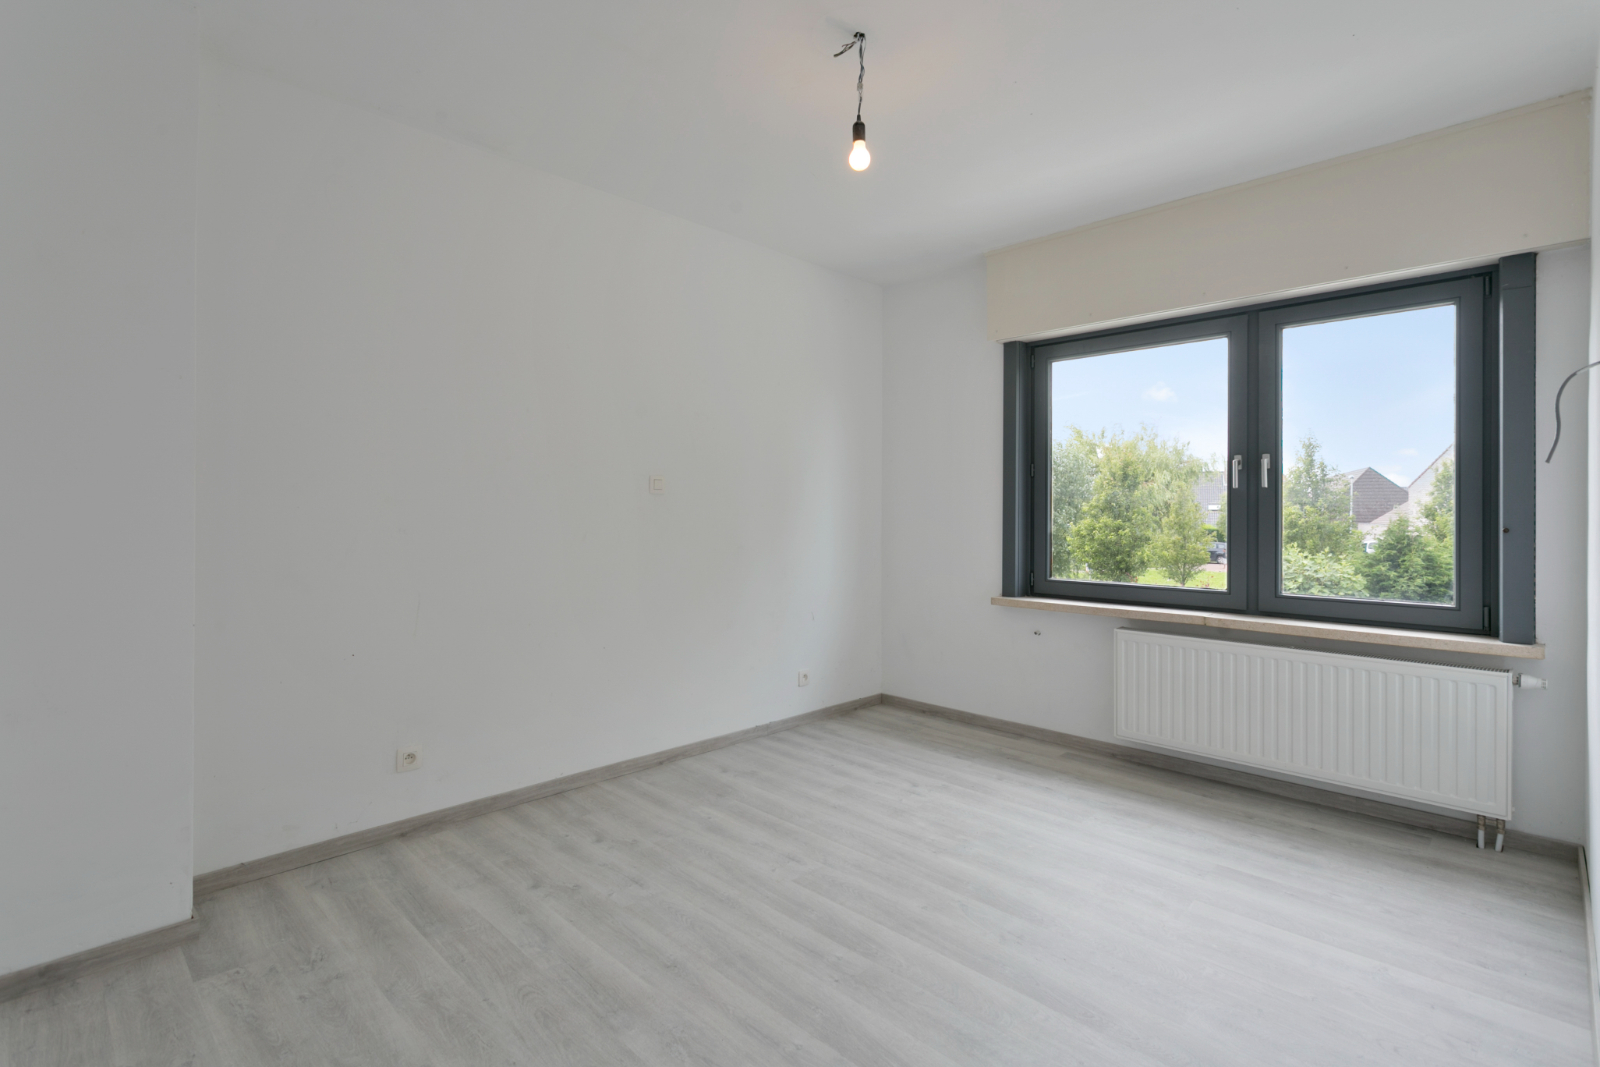 Halfopen woning met 3 slpk, gelegen op perceel van 1.165 m2 - 20